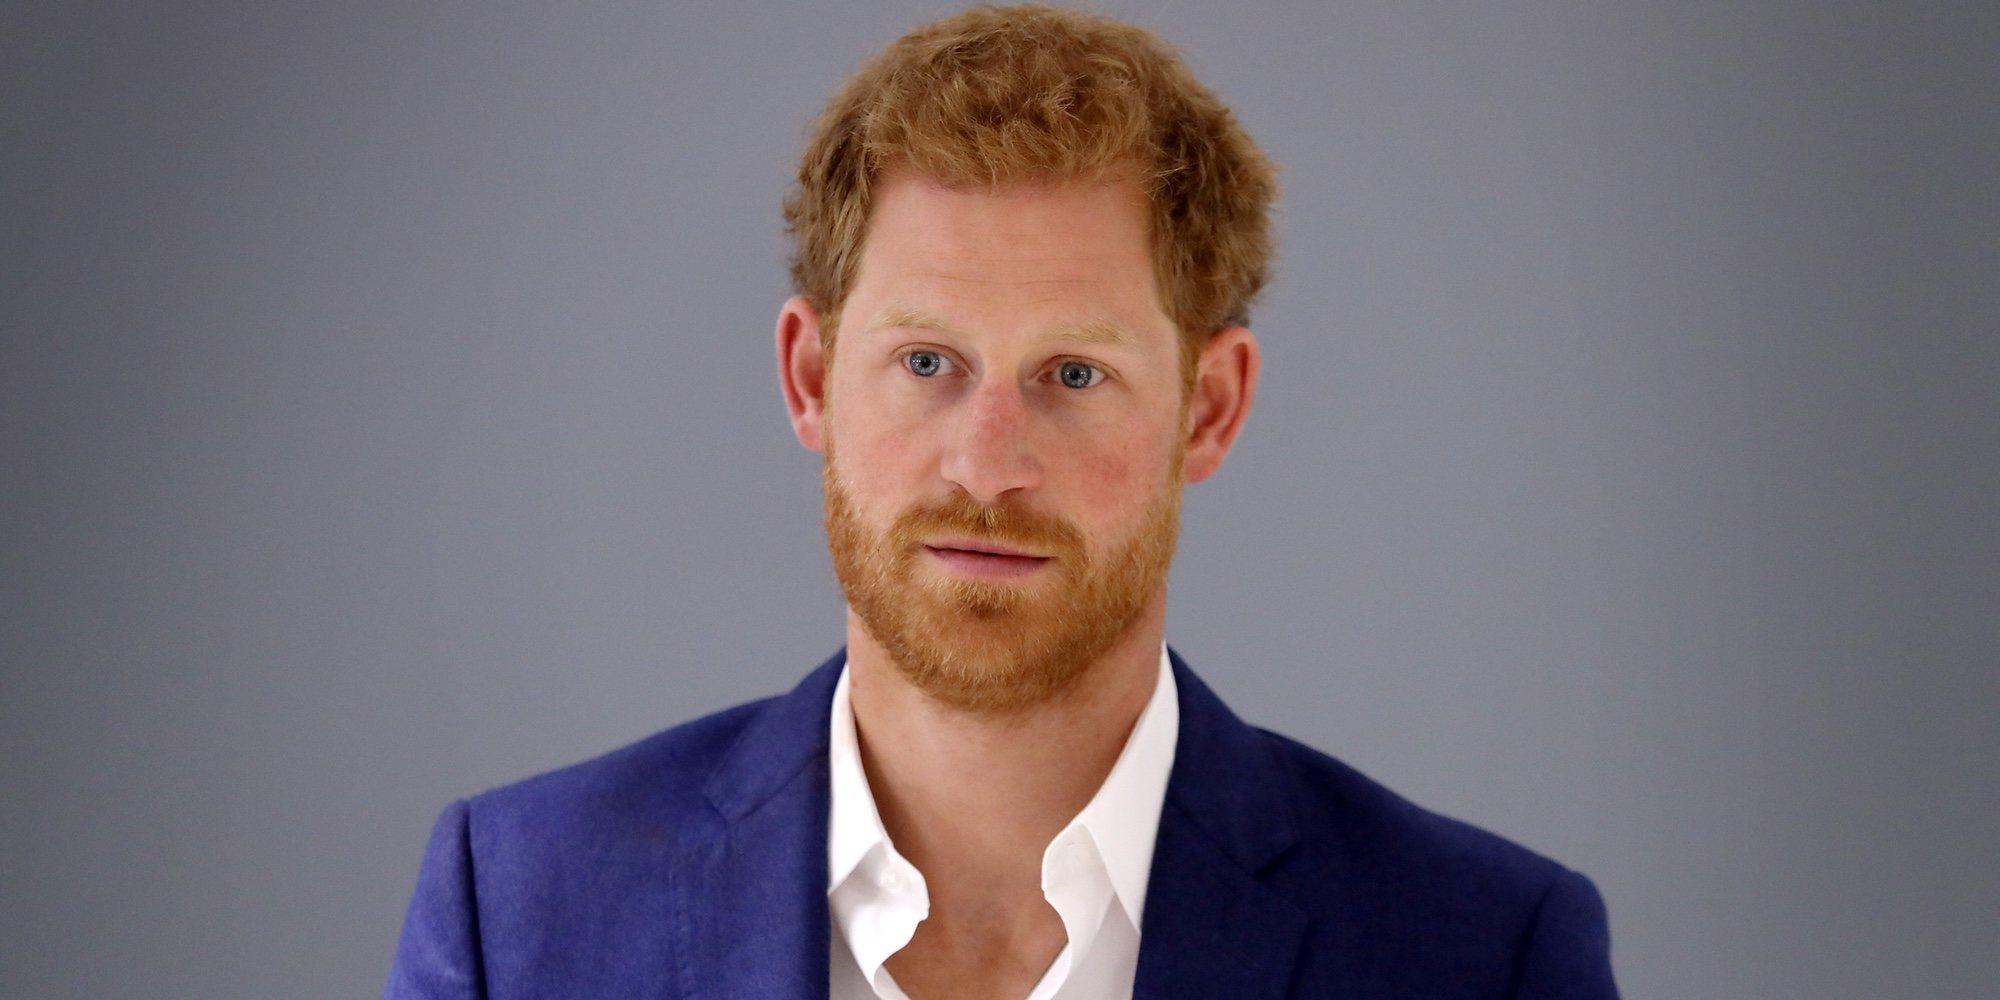 La postura de la Casa Real Británica que contradice los deseos del Príncipe Harry